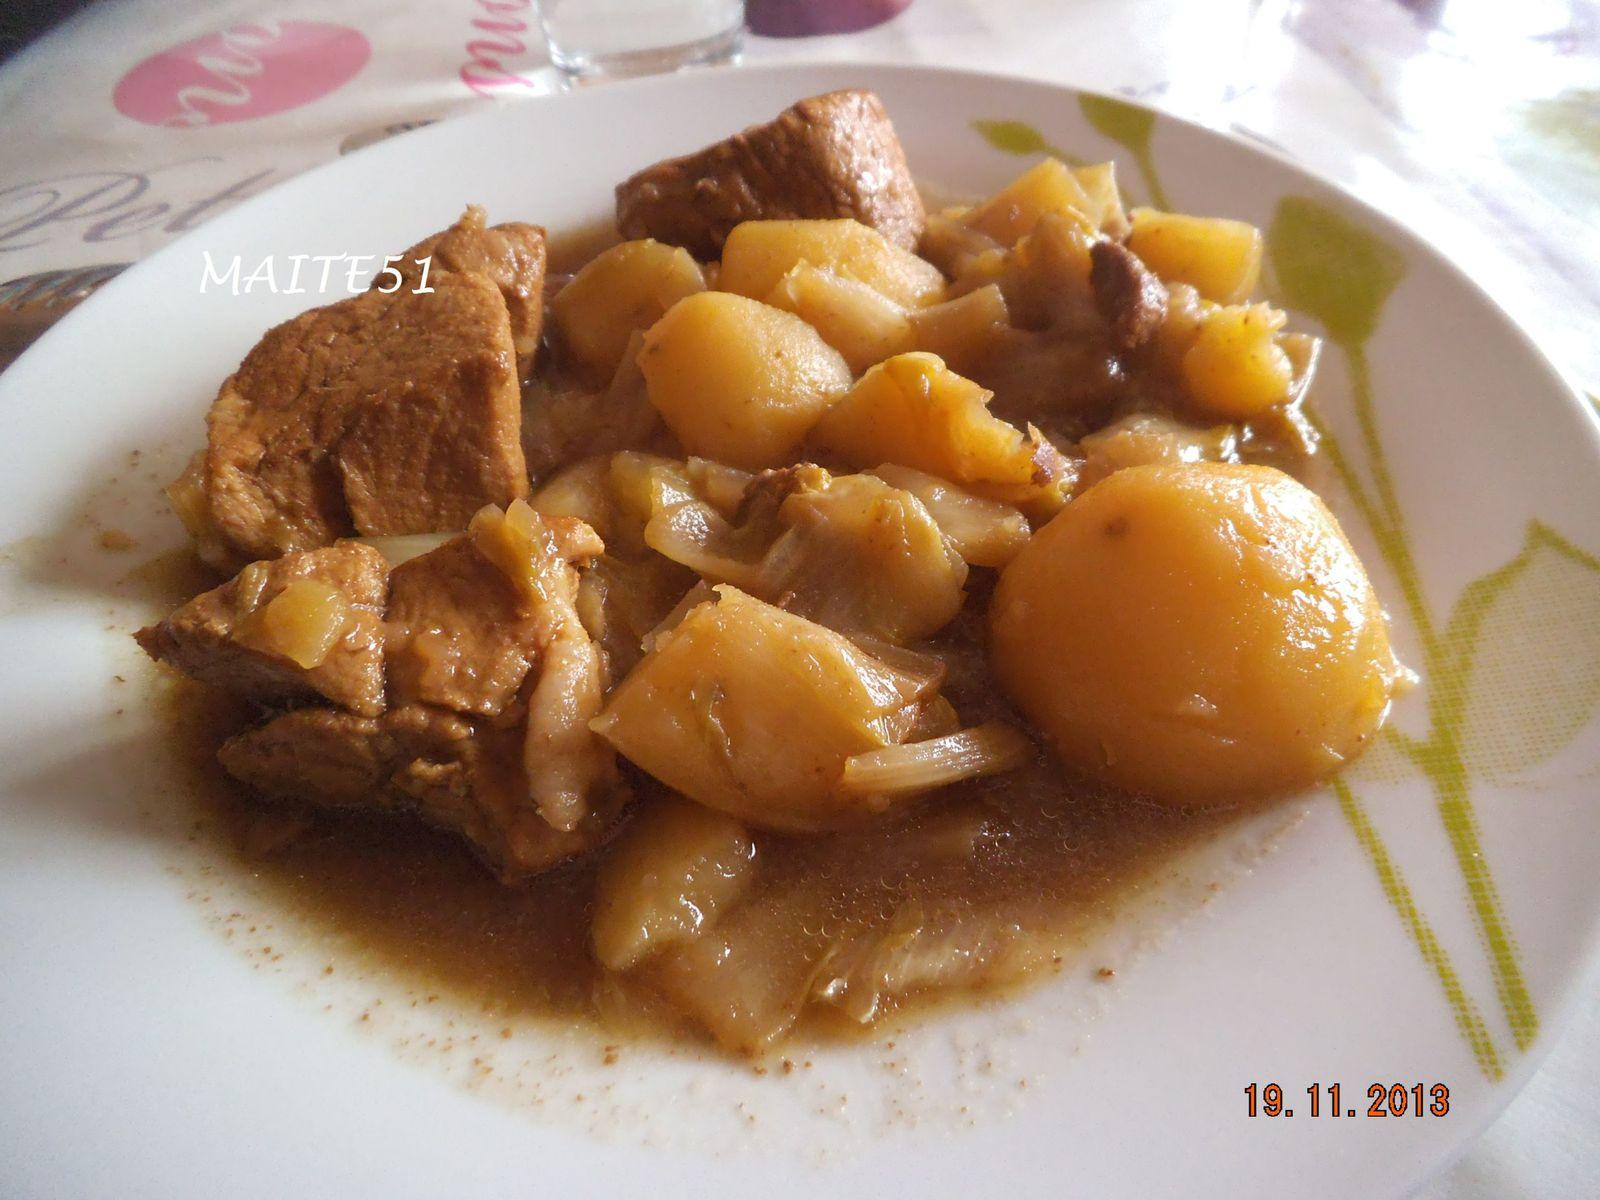 Saut de porc des ch 39 tis a vos fourneaux chez maite51 - Cuisiner rouelle de porc en cocotte minute ...